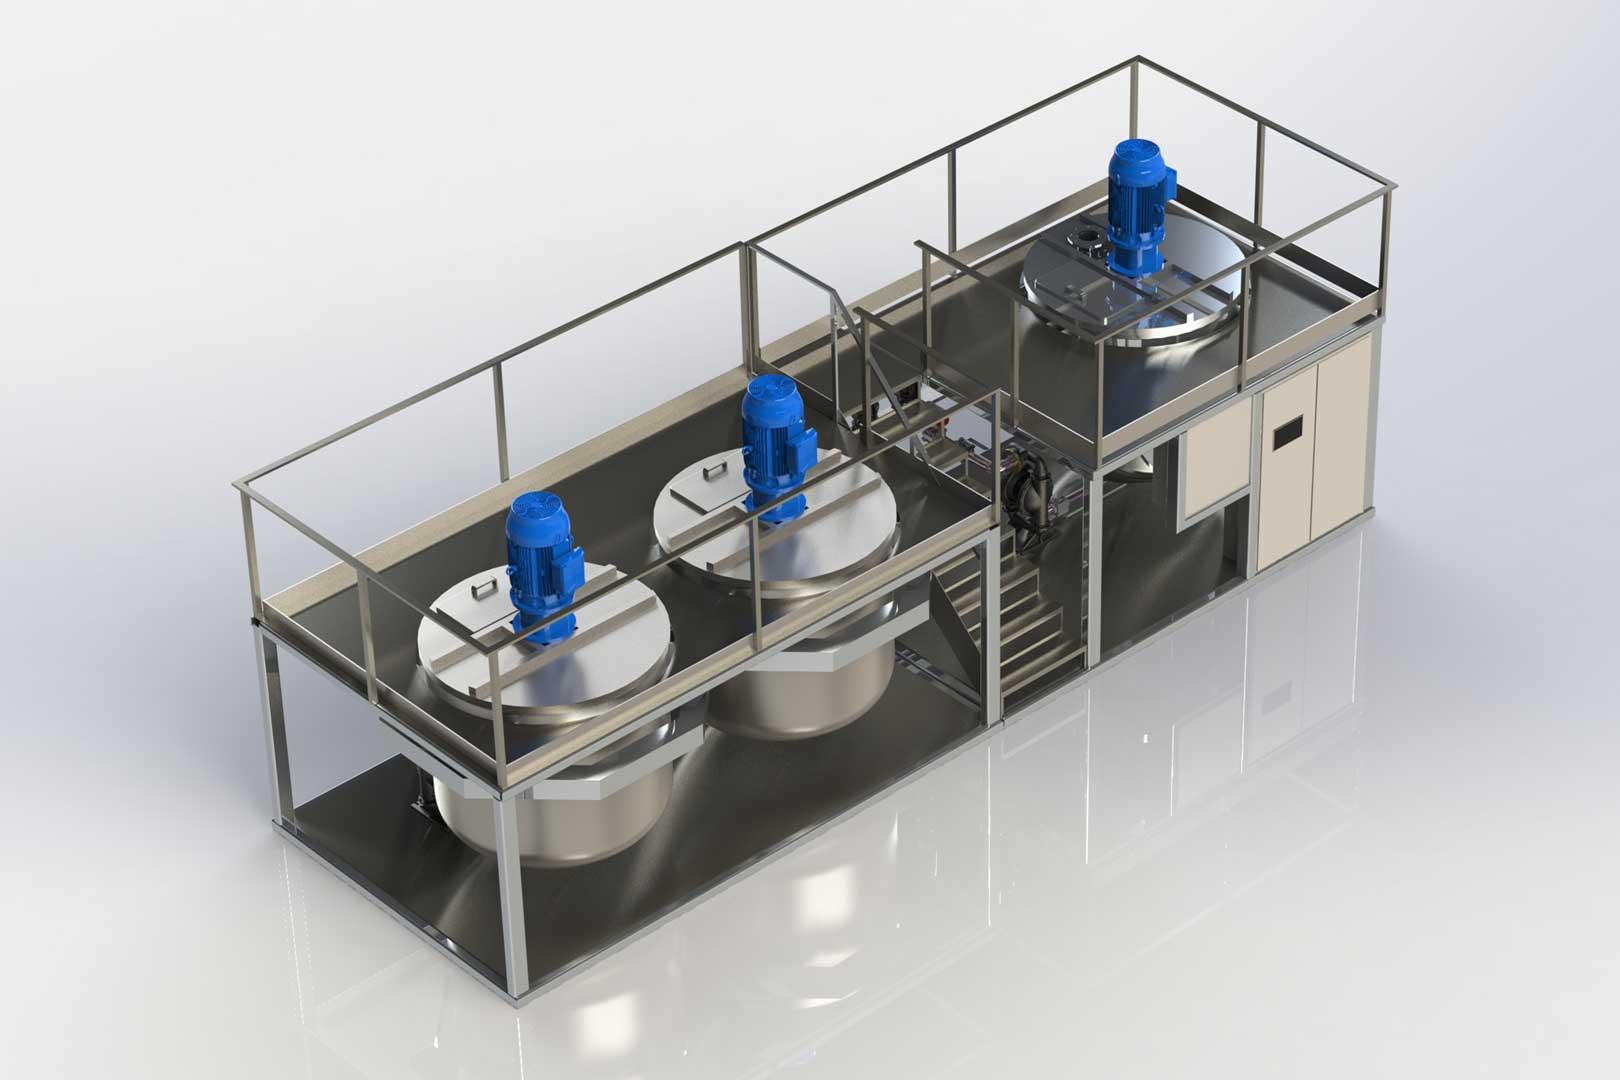 cocina de cola formulación remota